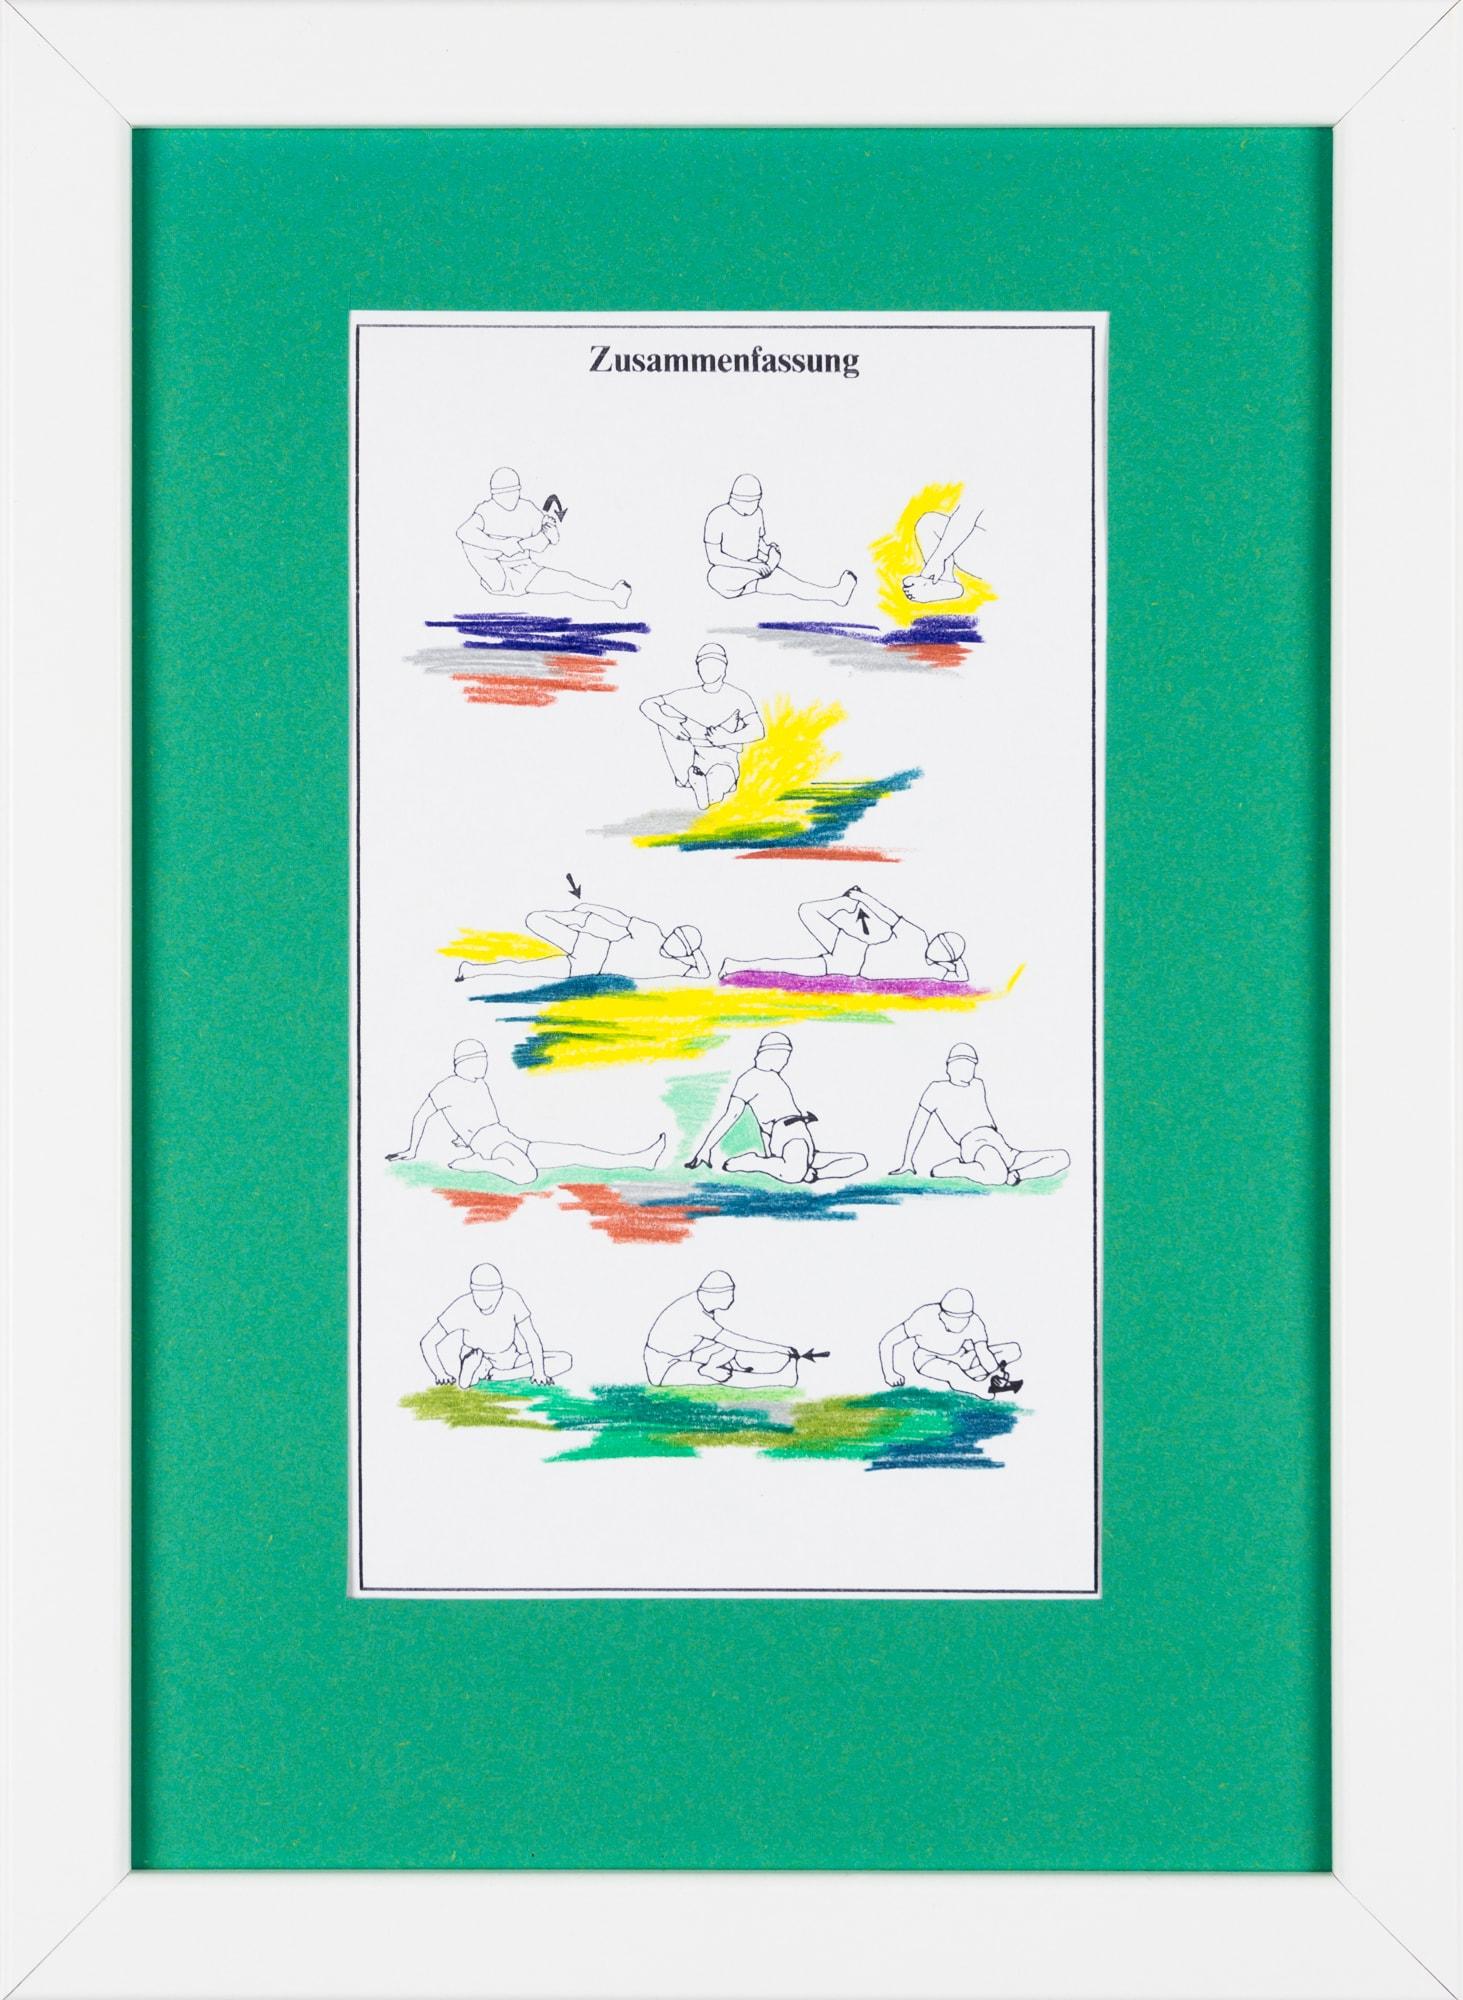 Übermalung und Mischtechnik auf Papier, 12,5x21,5cm, Originalgrafik zum gleichnamigen Booklet, Künstlerin: Franziska King